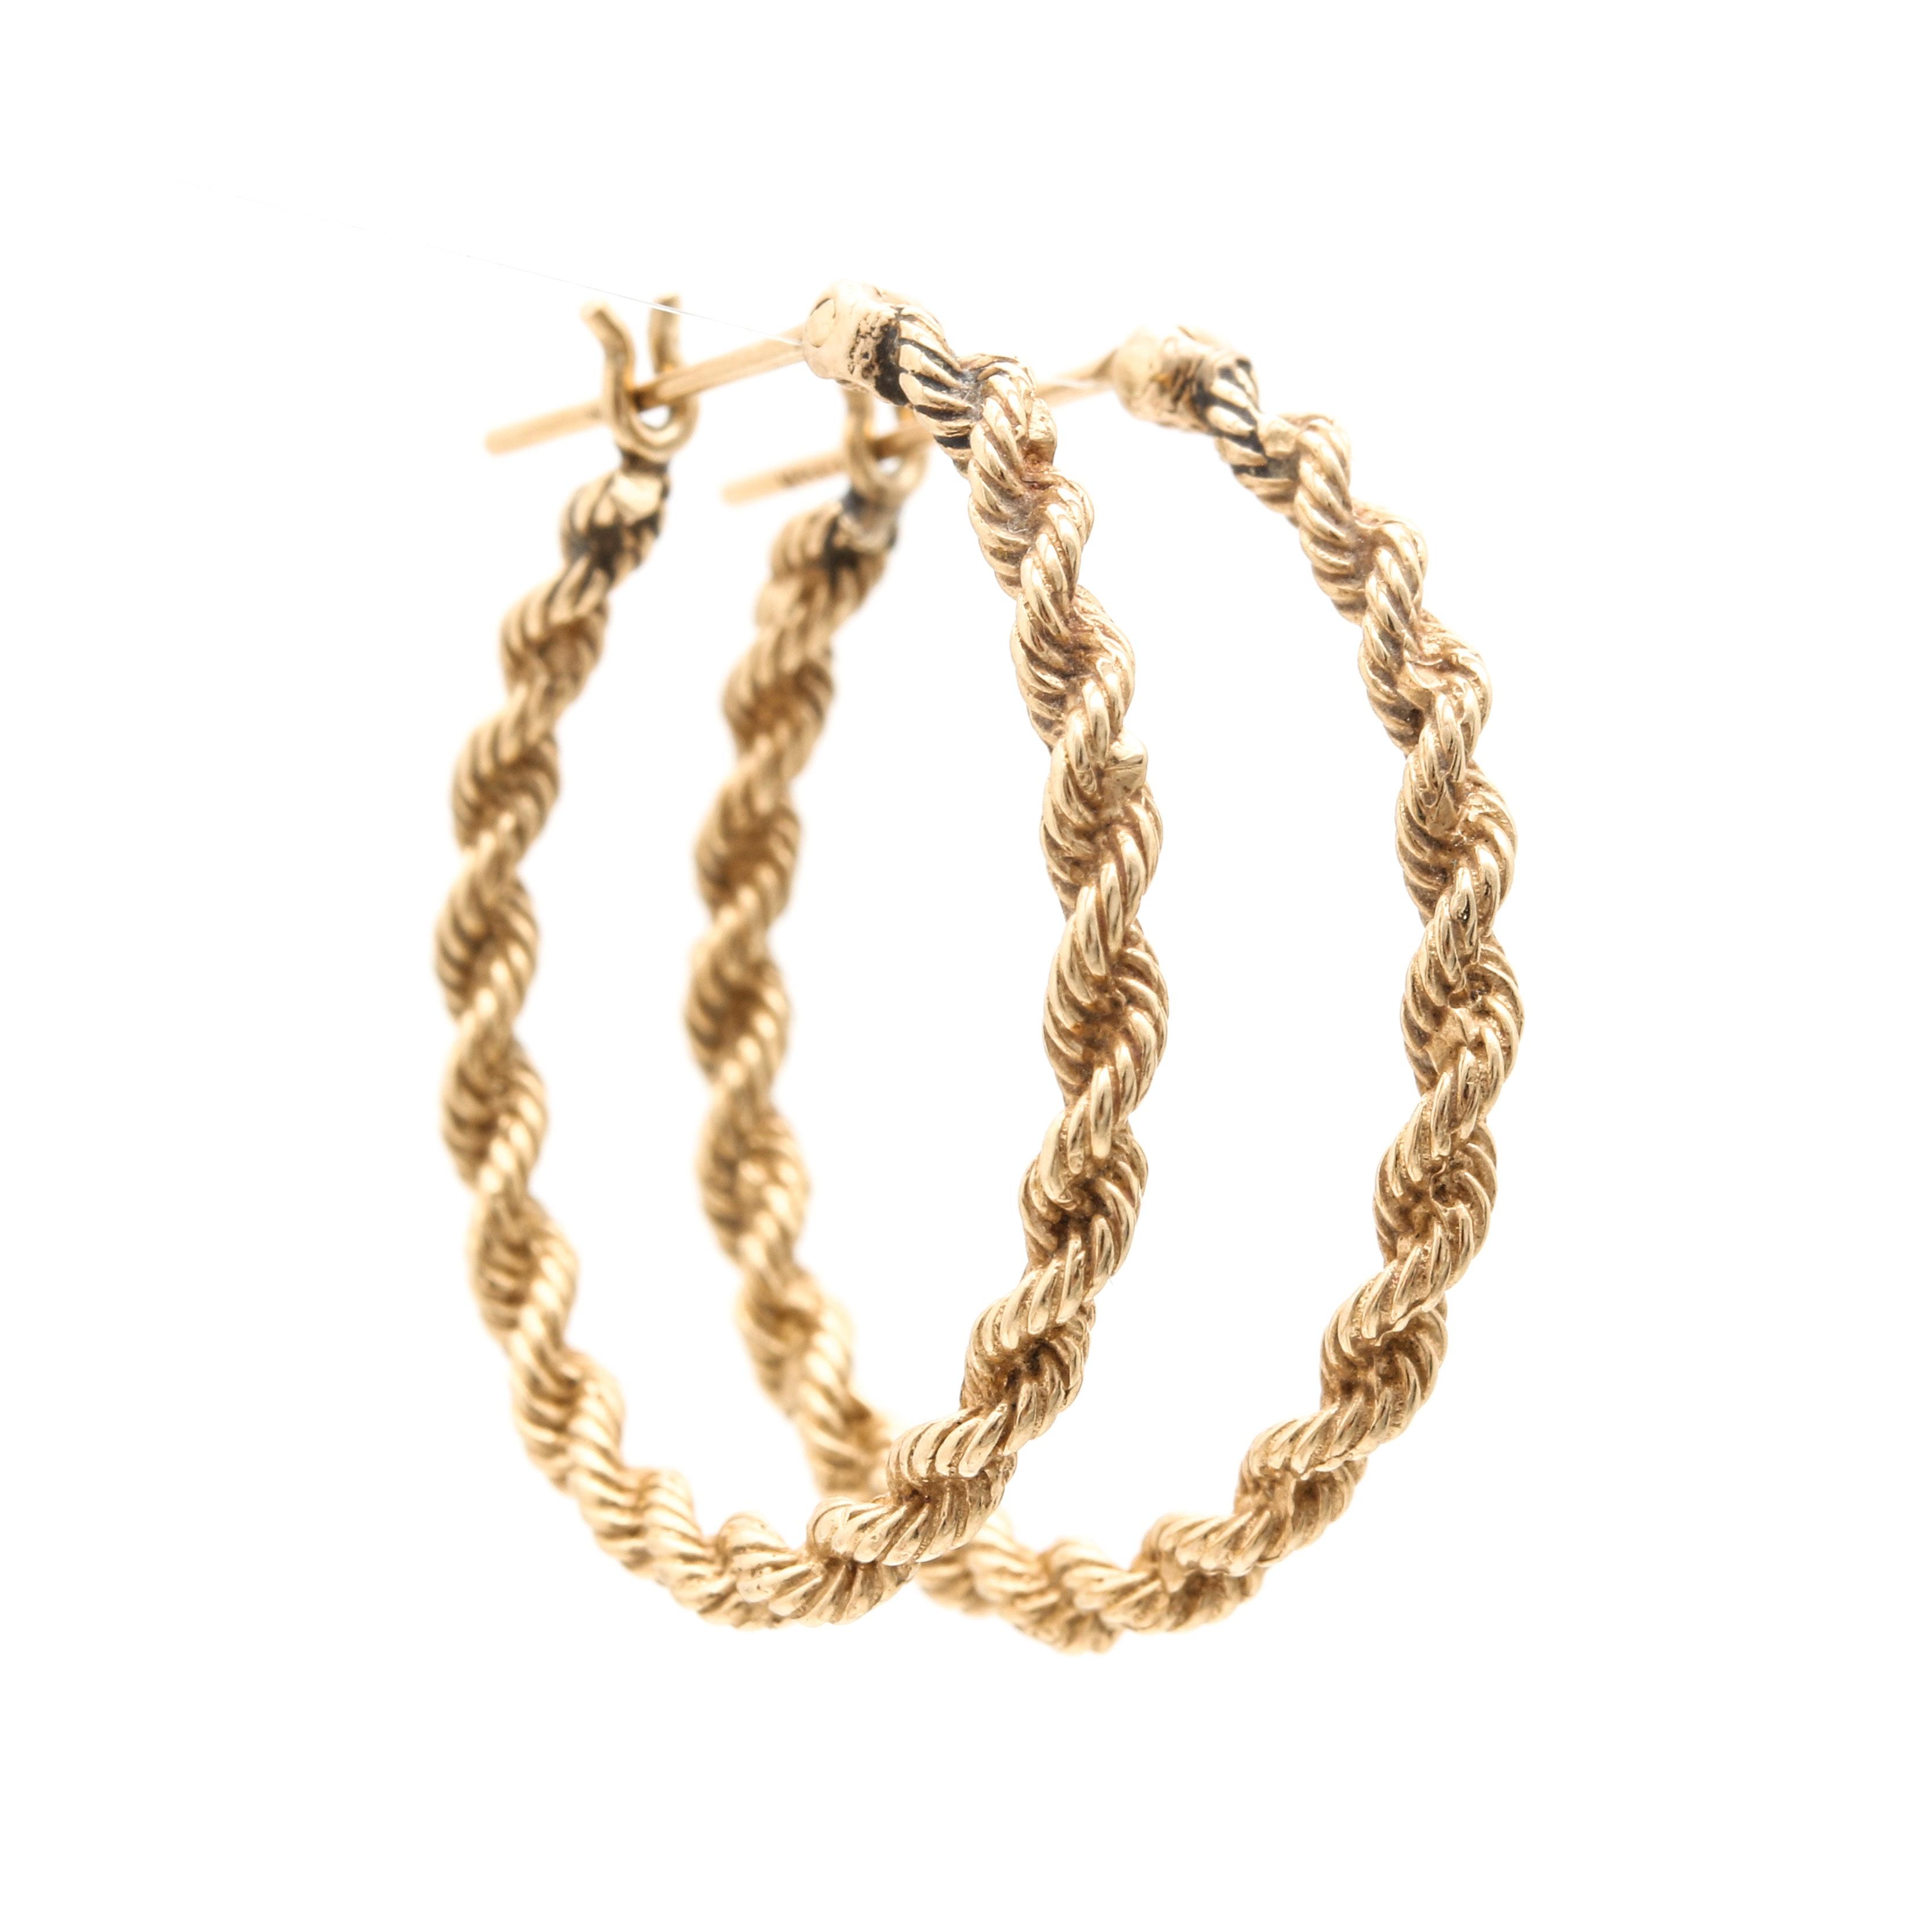 14K Yellow Gold Twist Hoop Earrings